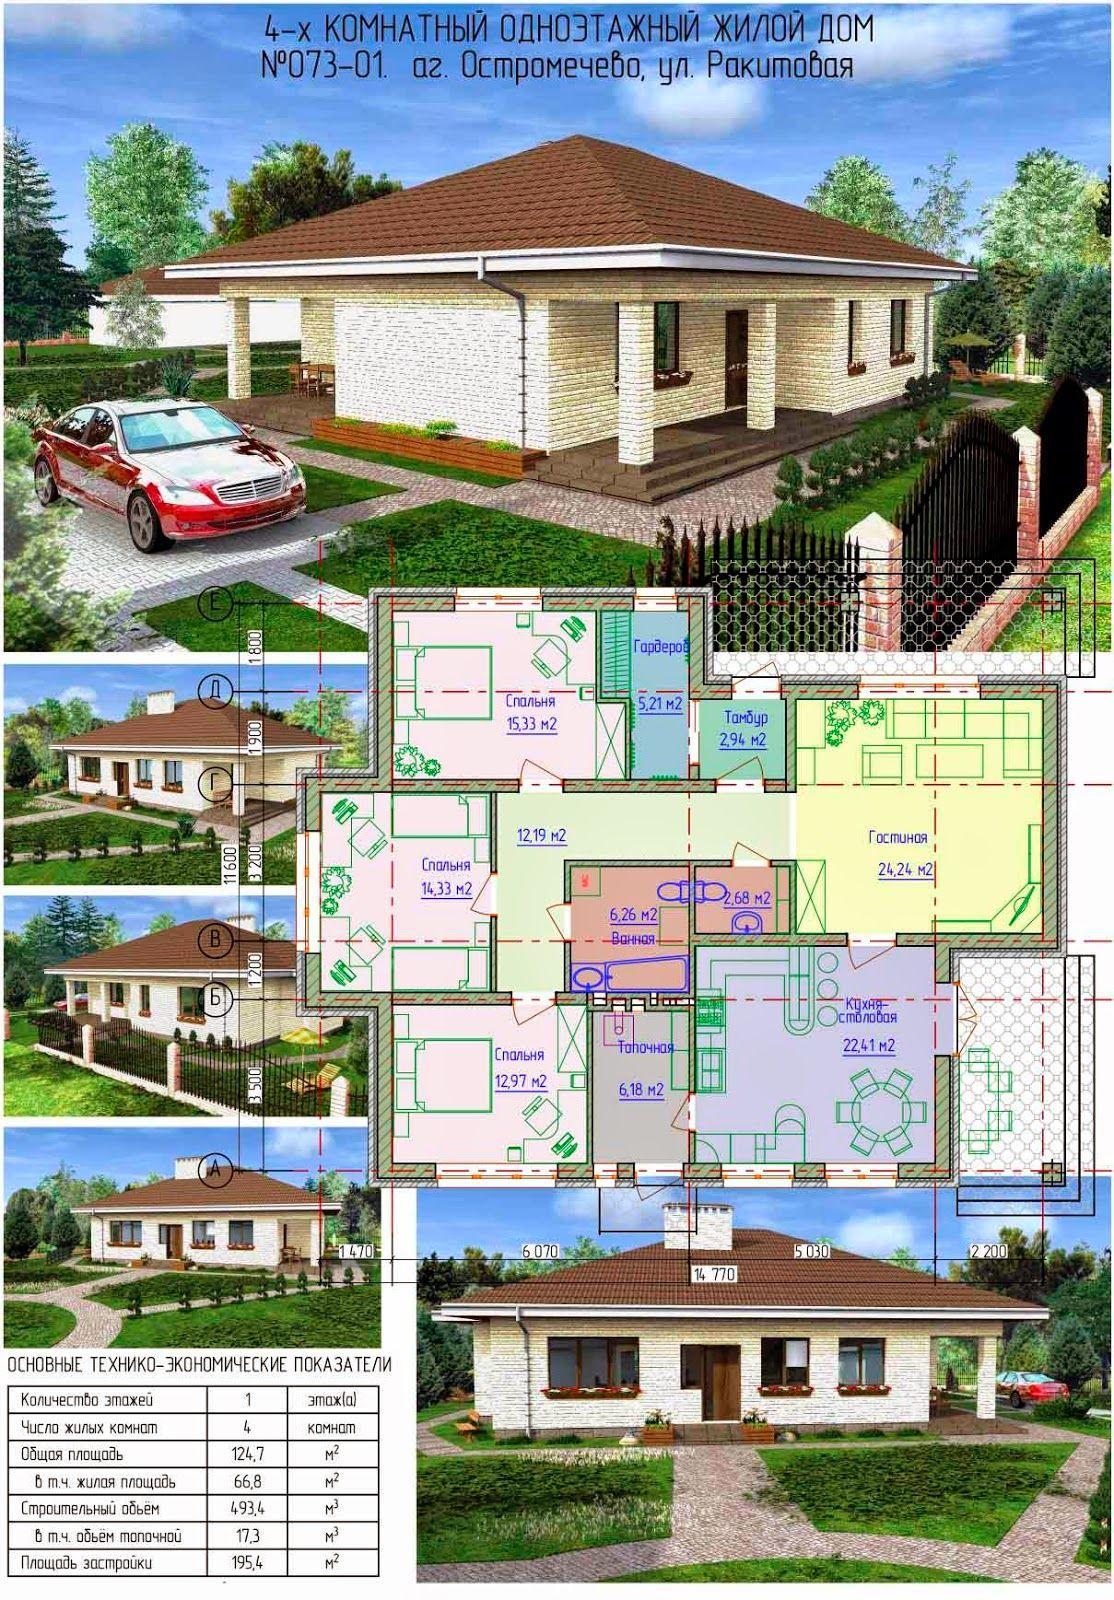 Архив готовых проектов жилых домов, коттеджей, дач, бань ...